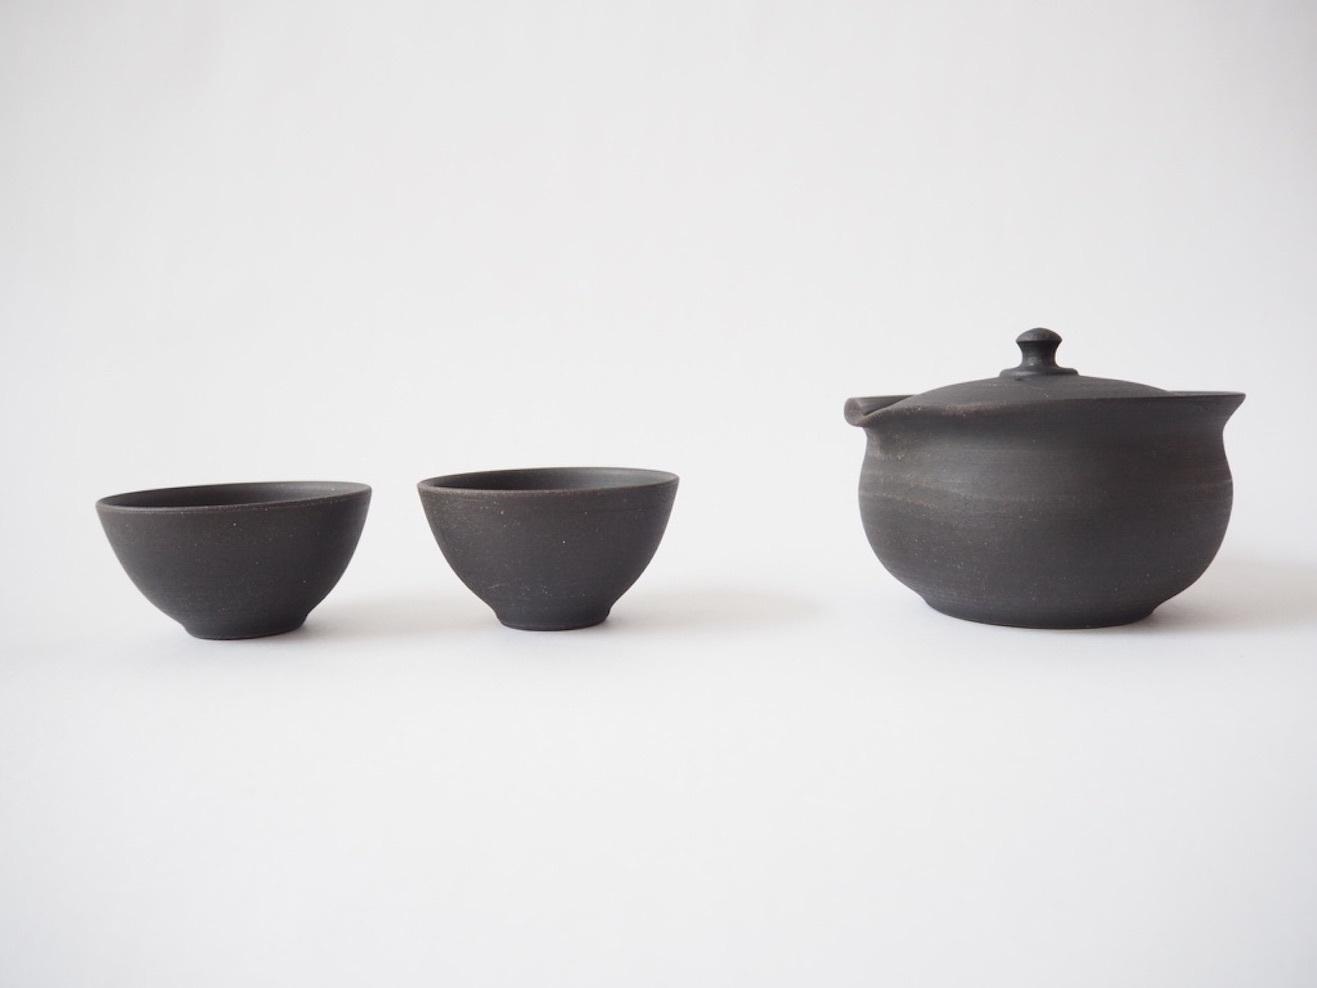 特注 宝瓶 (湯呑セット) / 前川製陶所 四代目 前川淳蔵氏